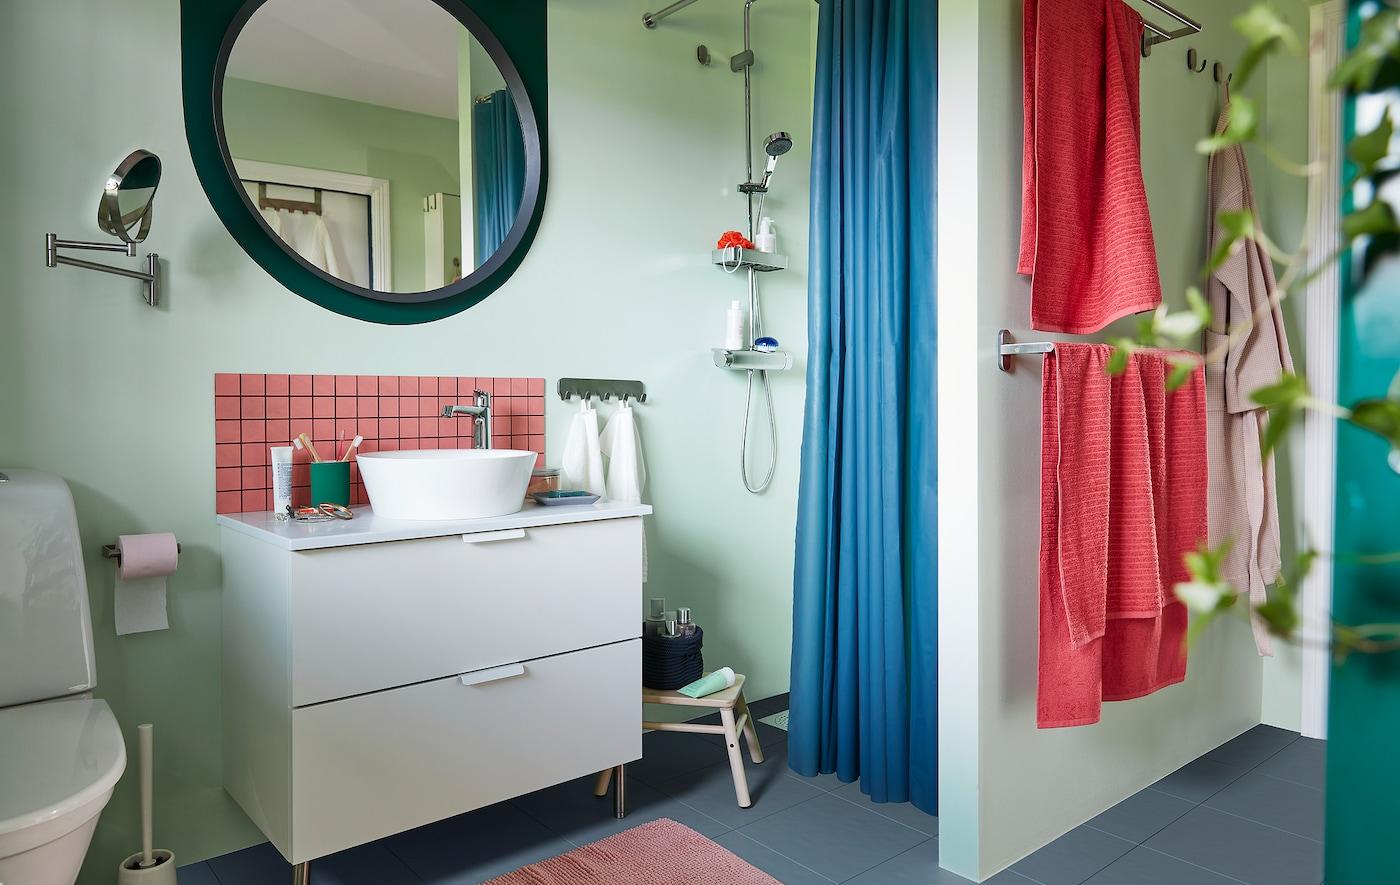 Velorganiseret badeværelse i sarte pastelfarver med skab med vask, brusebad, håndklædestang, spejl, planter og tilbehør.